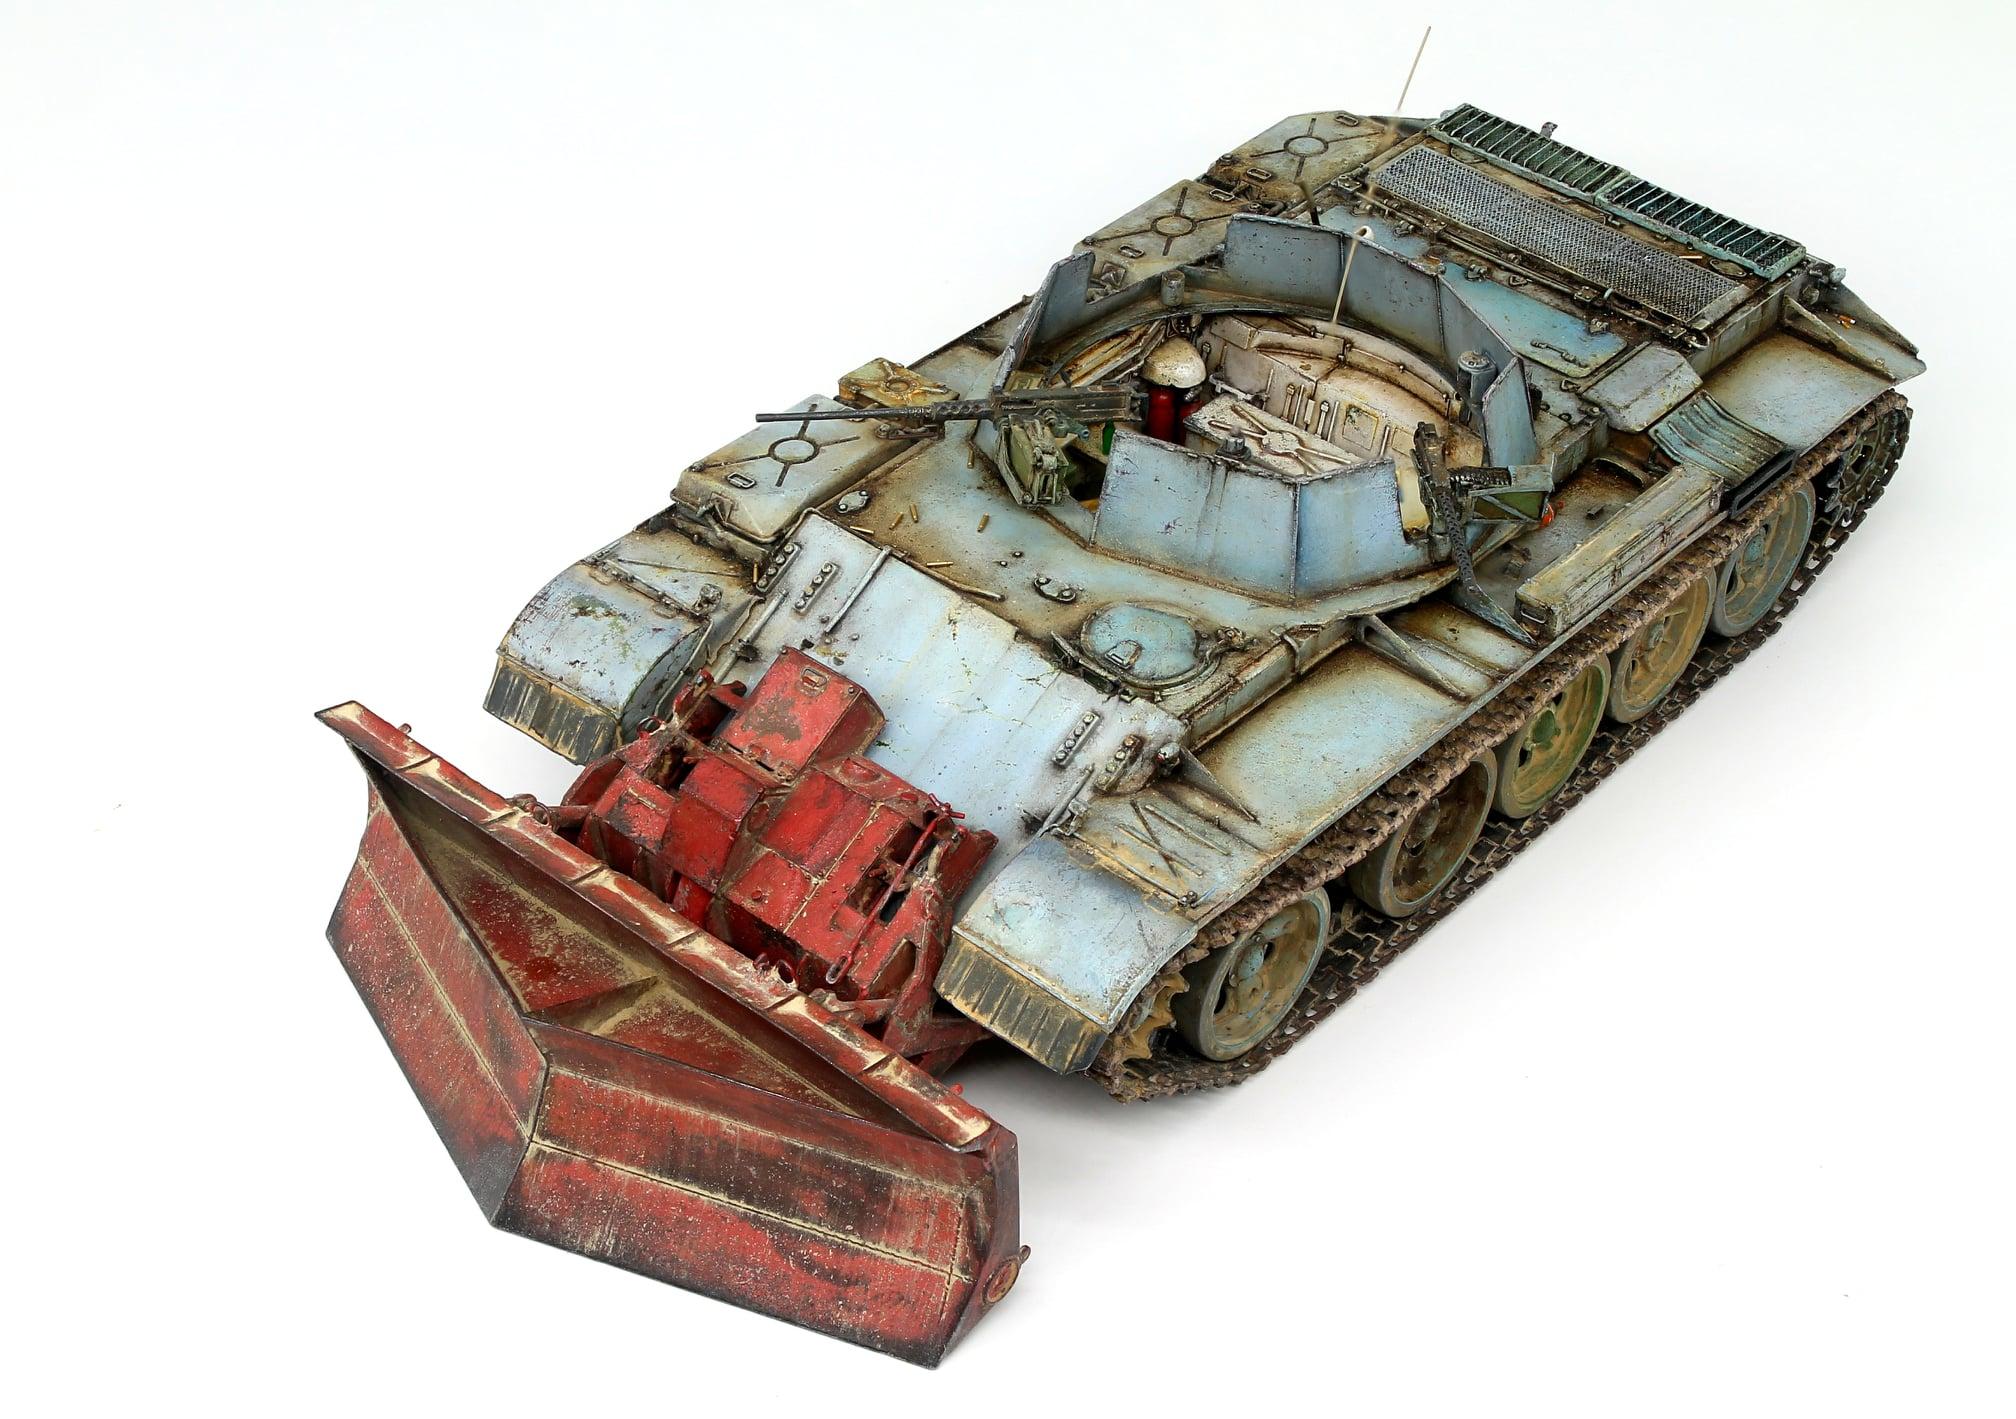 New Photos of Kit: 37028 SLA APC T-54 w/DOZER BLADE. INTERIOR KIT